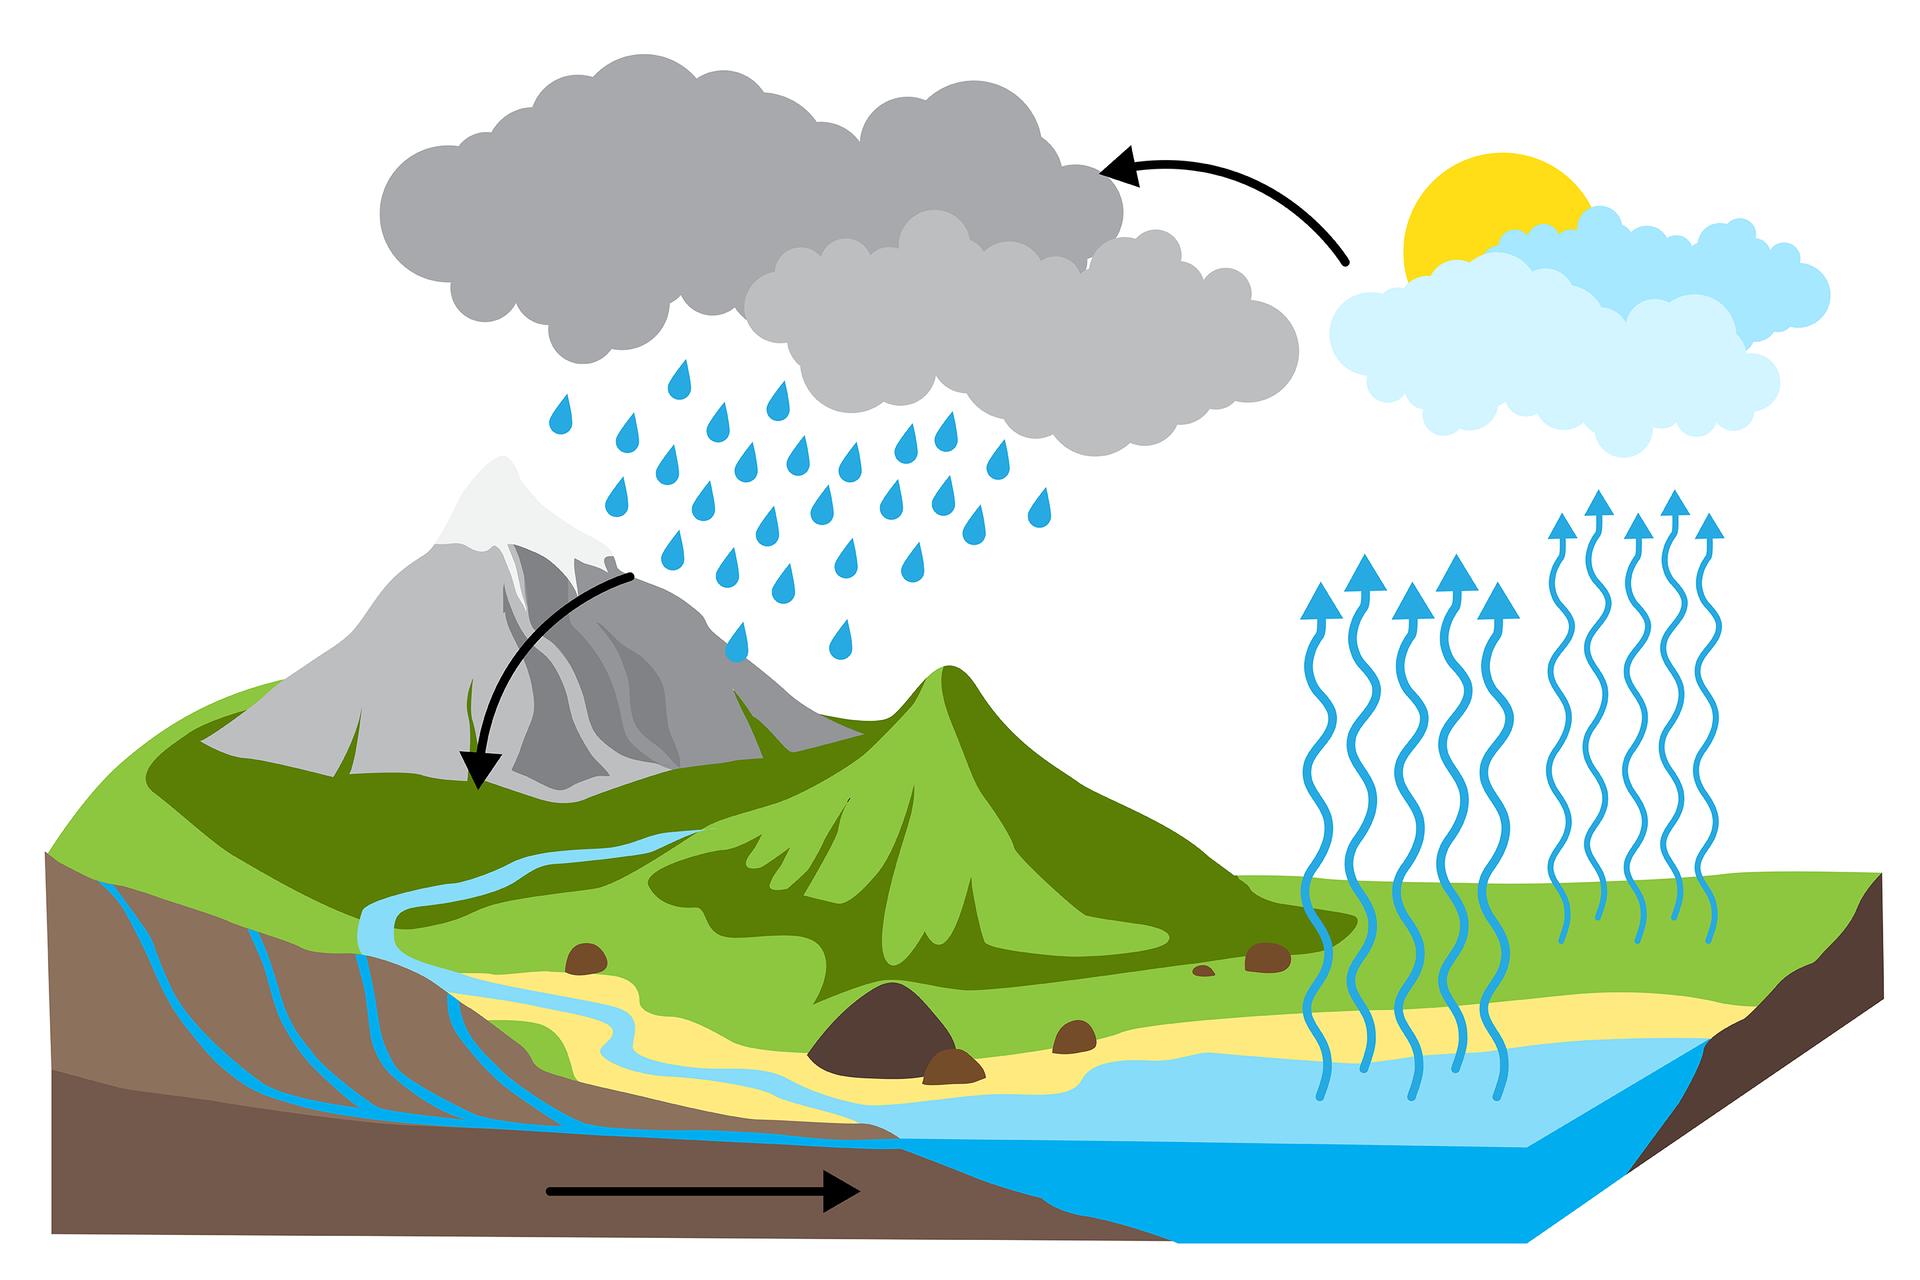 Ilustracja przedstawia graficzny opis obiegu wody wprzyrodzie. Rysunek wycinka krajobrazu zgórami zlewej strony wtle, wzgórzami zrzeką zlewej strony na pierwszym planie, wodami podziemnymi pod wzgórzami irzeką, pojedynczym wzgórzem wcentrum, polaną zprawej strony wtle ibrzegiem morza zlewej strony na pierwszym planie. Rzeka iwody podziemne wpływają do morza, co symbolizuje czarna strzałka skierowana wprawo. Woda paruje zmorza itrawiastej ziemi, co symbolizują niebieskie pofałdowane strzałki skierowane wgórę izamienia się wchmury przesłaniające tarczę słoneczną. Od jasnych chmur po prawej stronie prowadzi strzałka wlewo do ciemnych, burzonych chmur po lewej stronie. Zburzowych chmur nad górami pada deszcz. Czarna strzałka pokazuje przejście wody deszczowej do rzeki istrumieni.